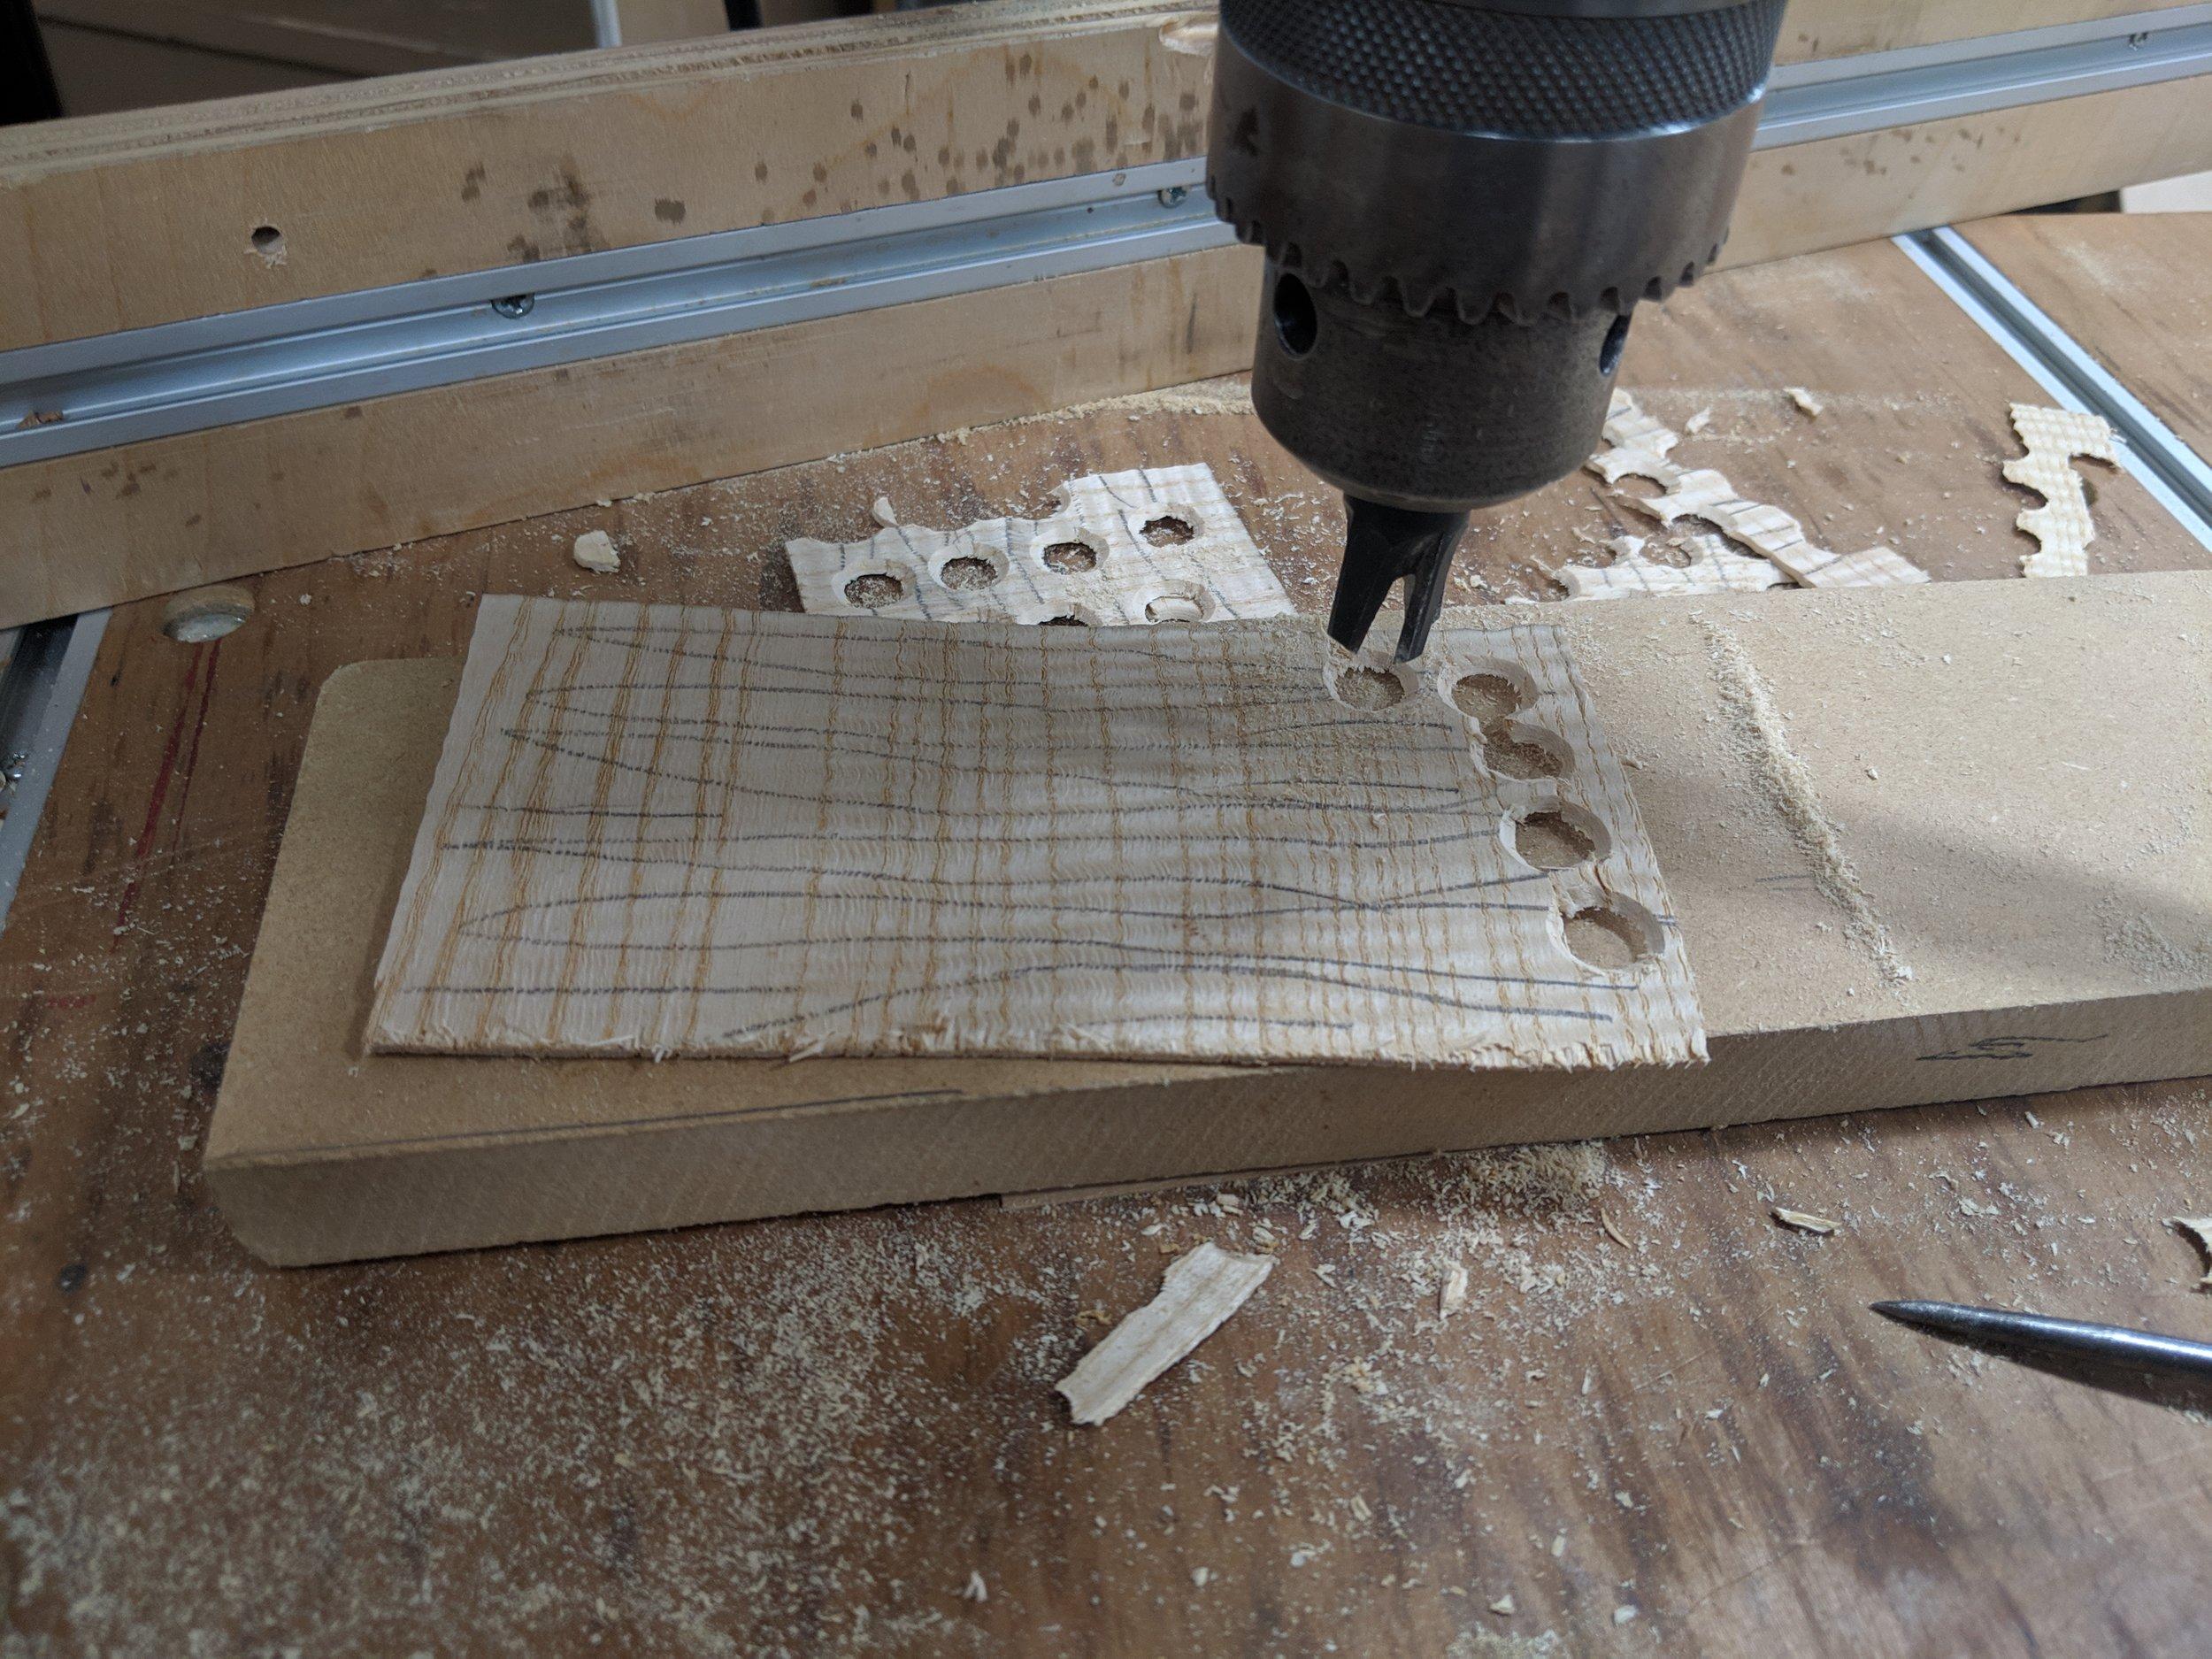 Cutting bung hole plugs